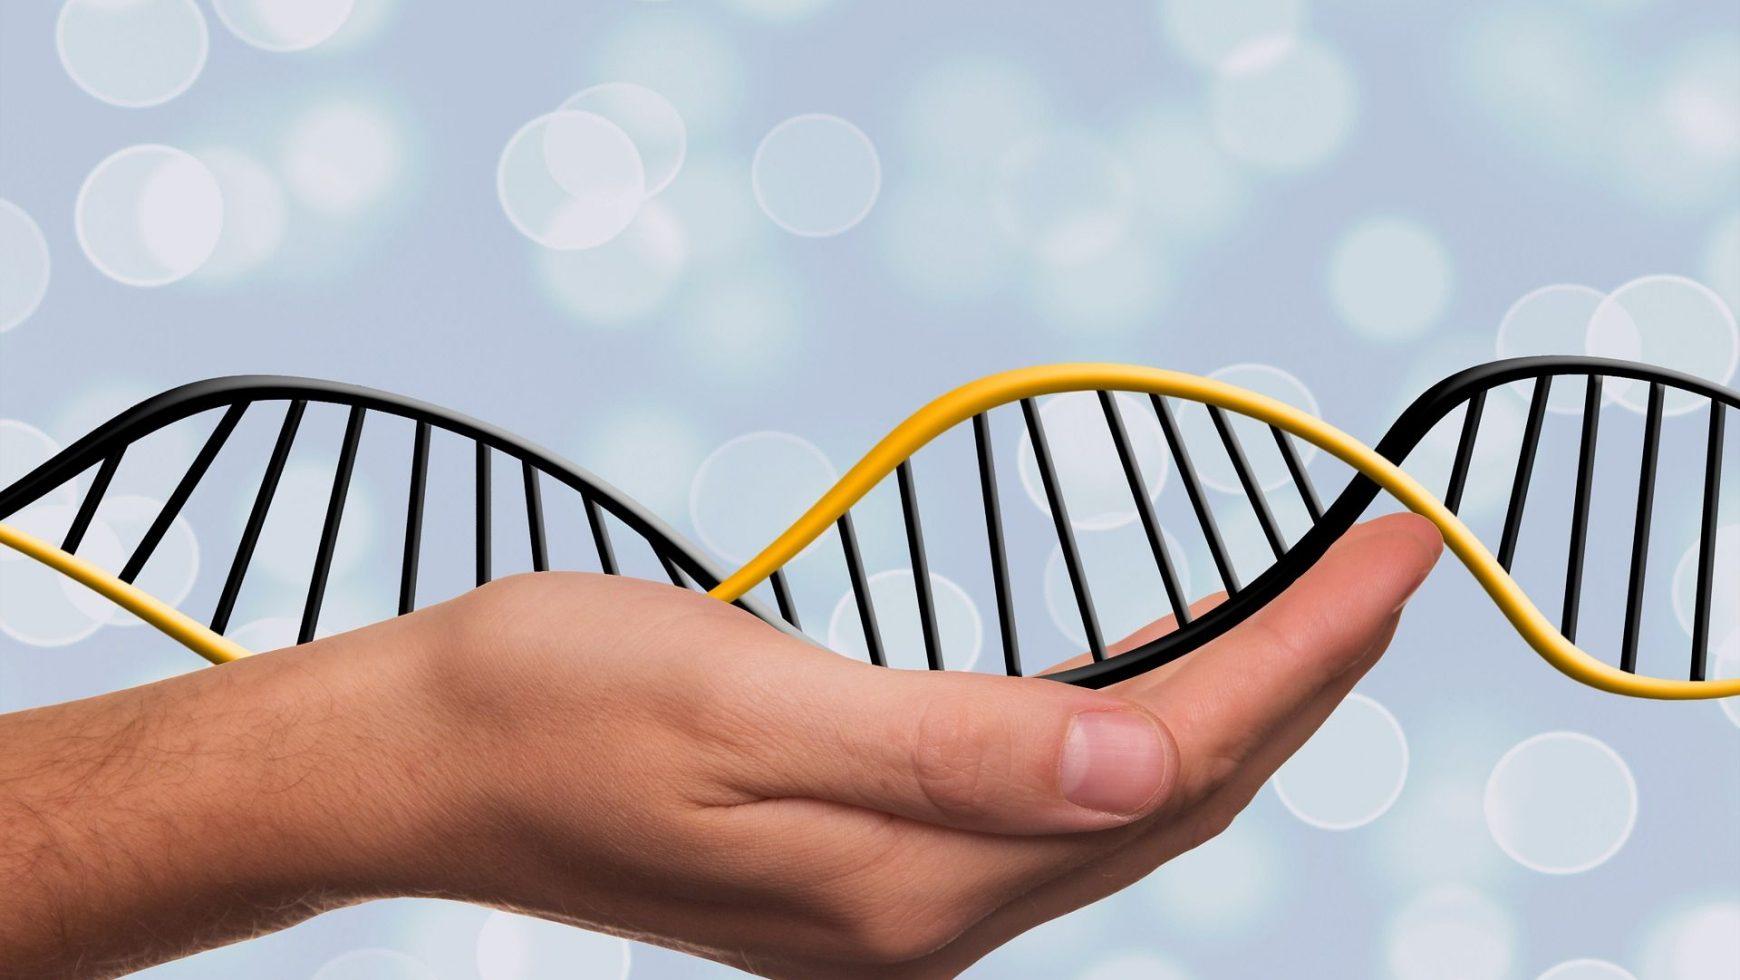 Puterea noii biologii, viitorul medicinei